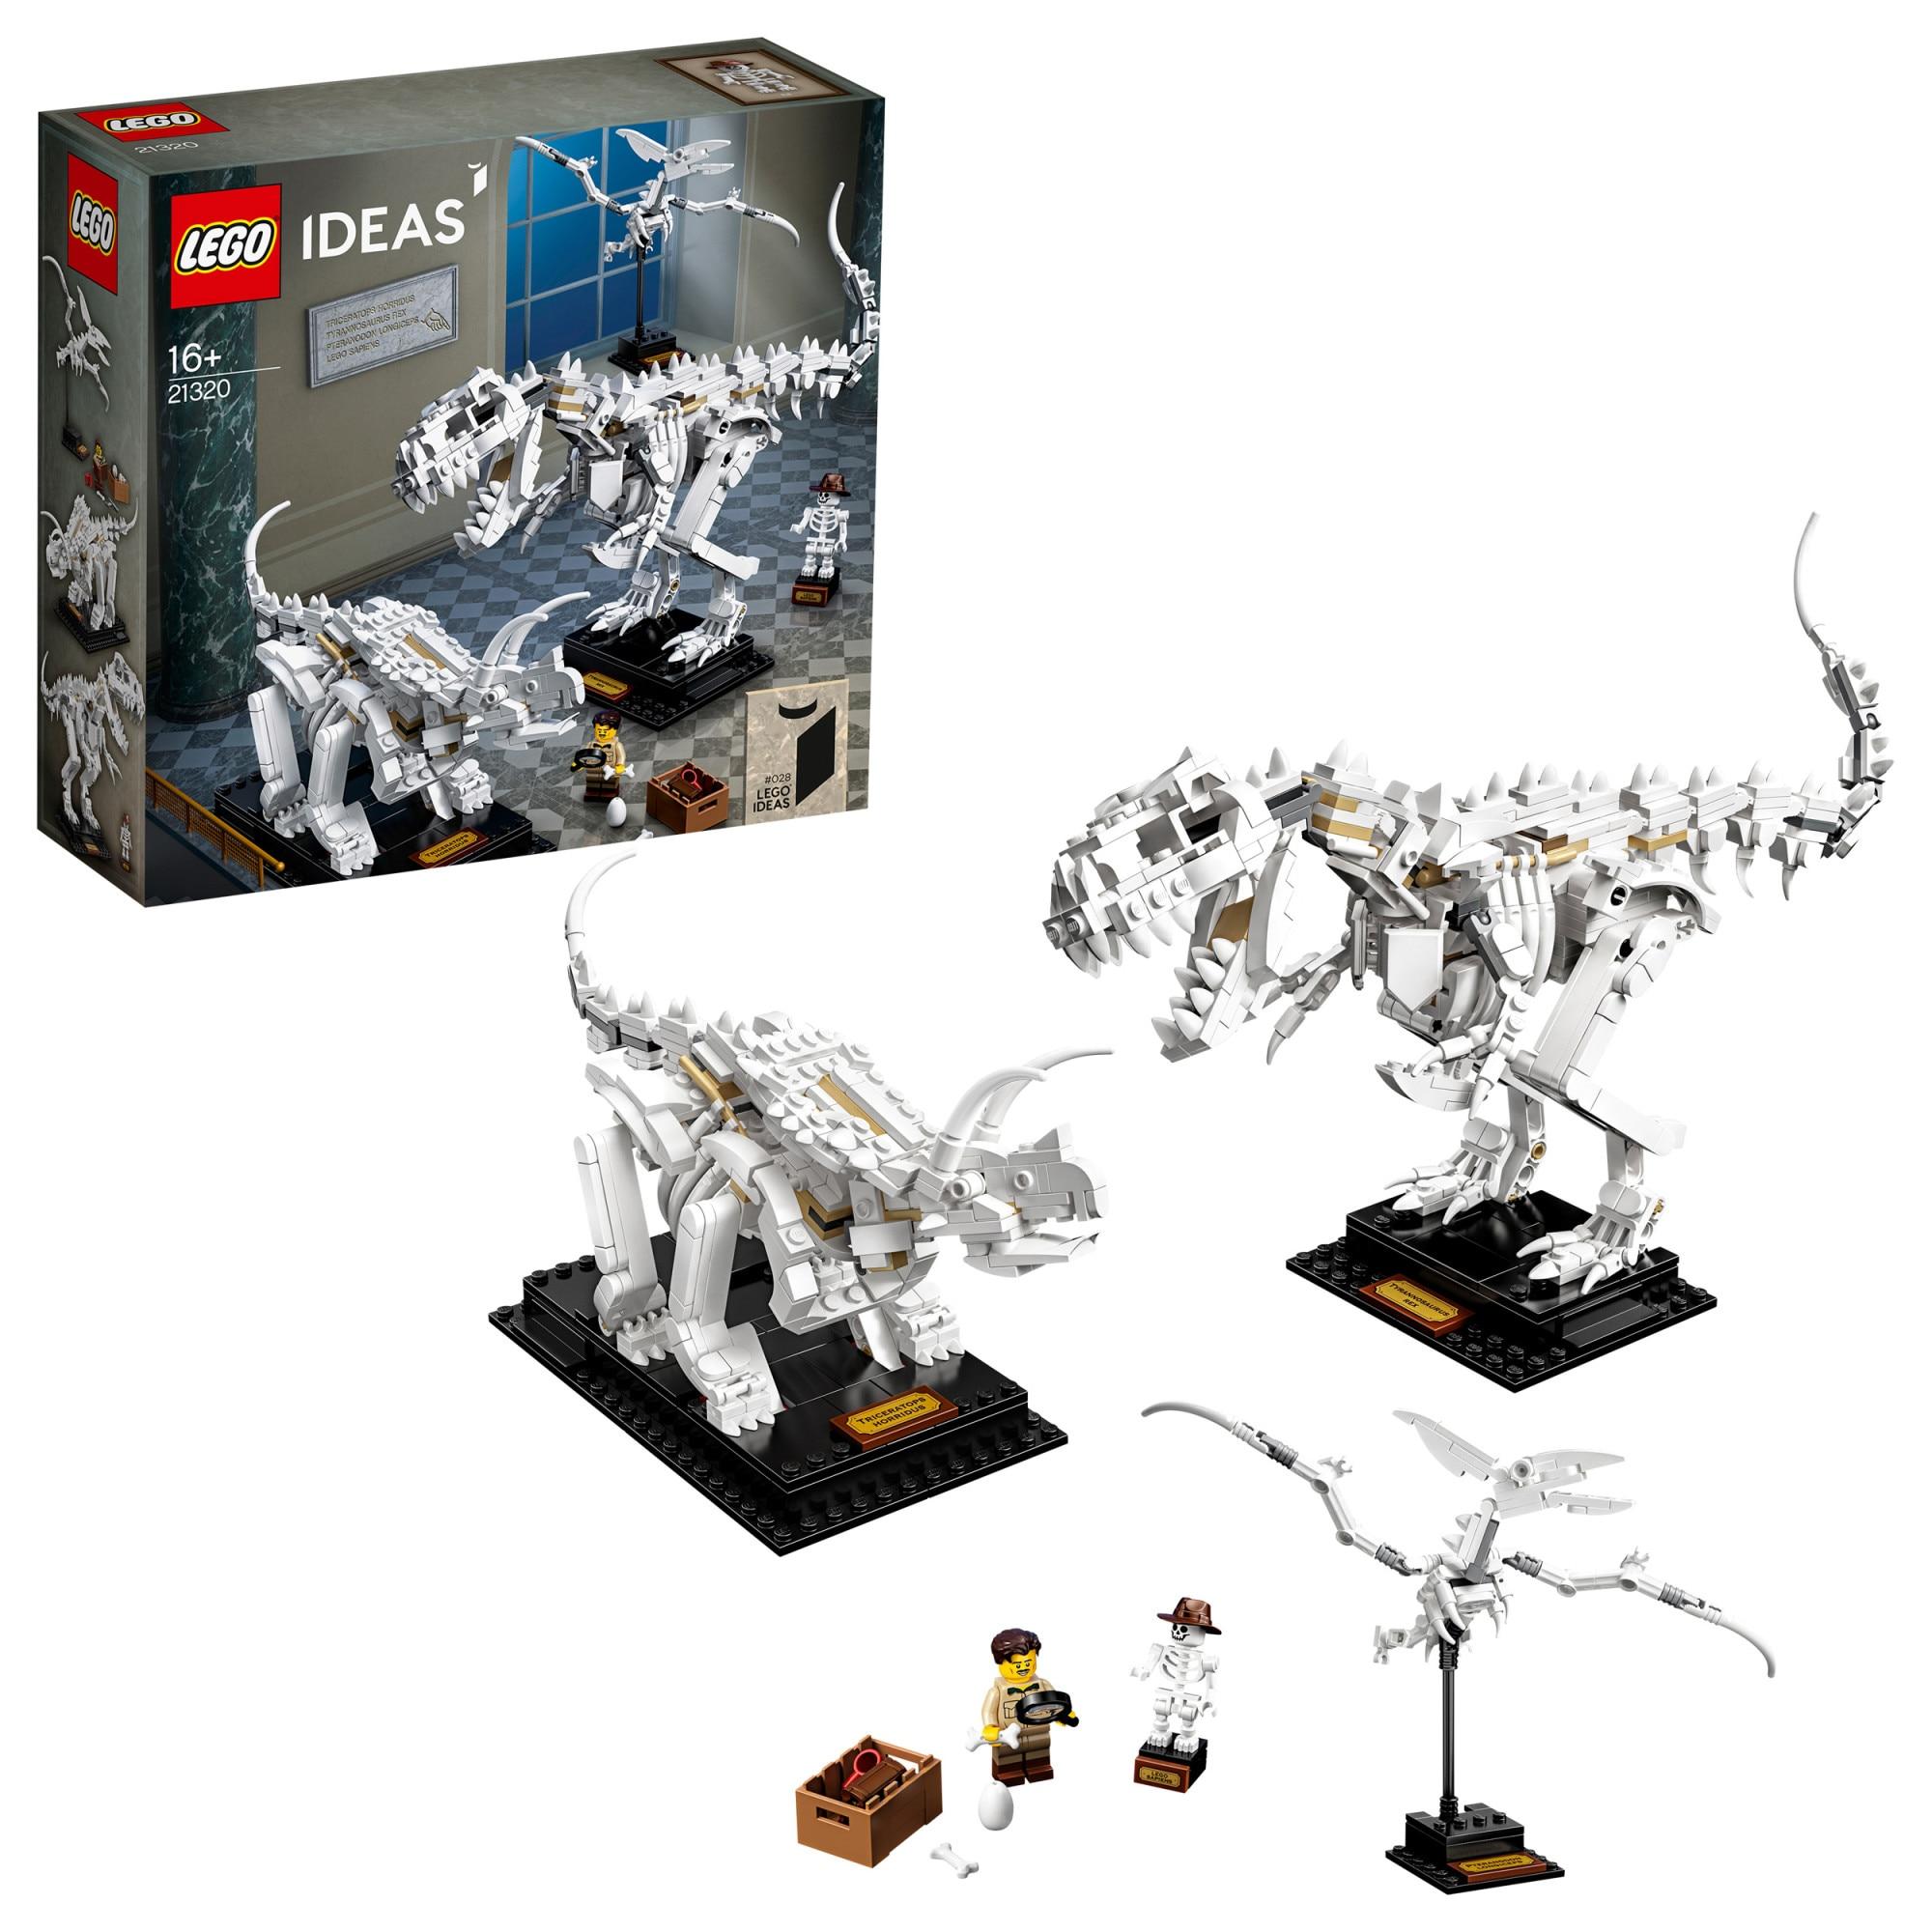 LEGO Ideas 21320 Dinoszaurusz maradványok lFrJp6